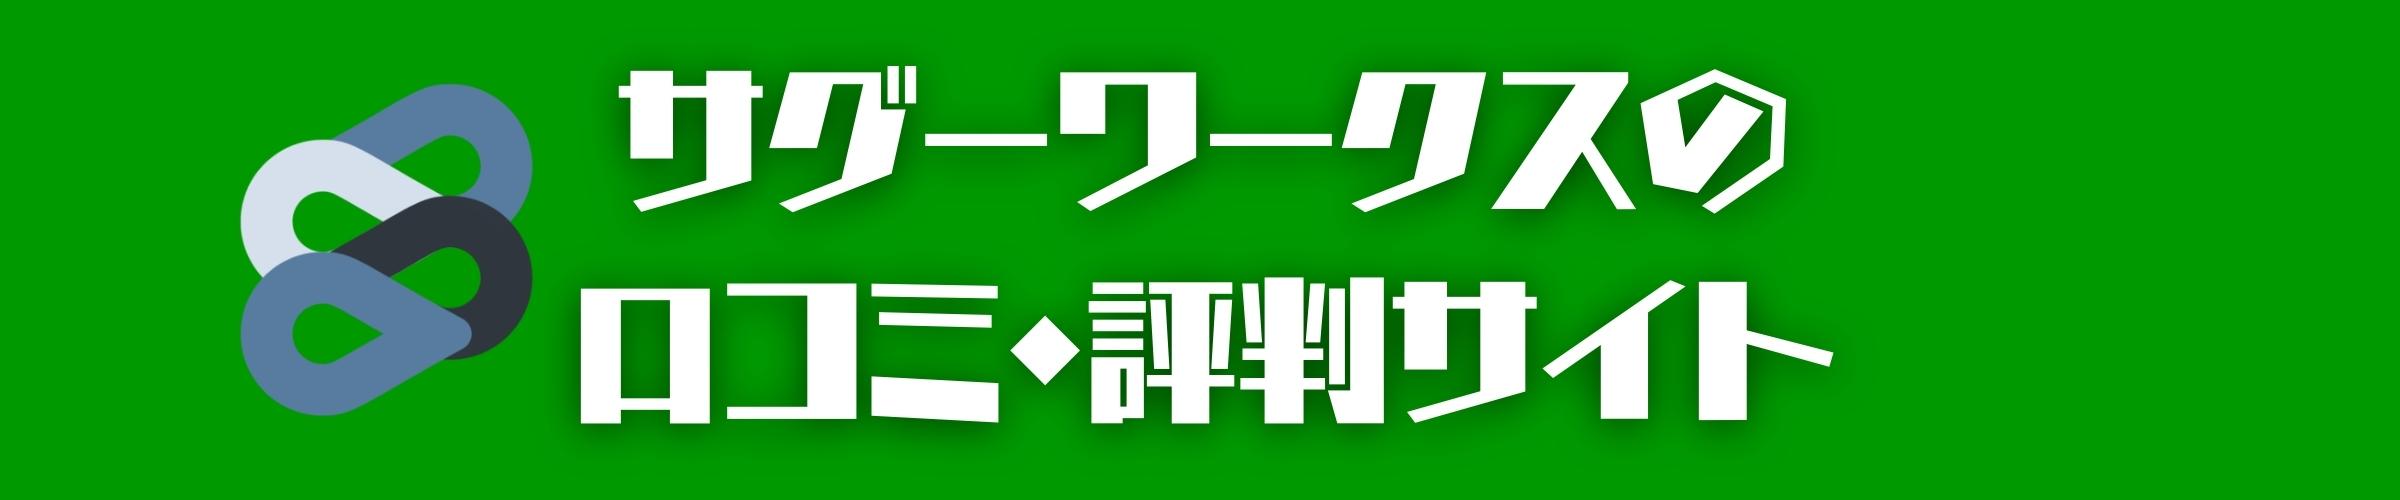 サグーワークスの口コミ・評判サイト